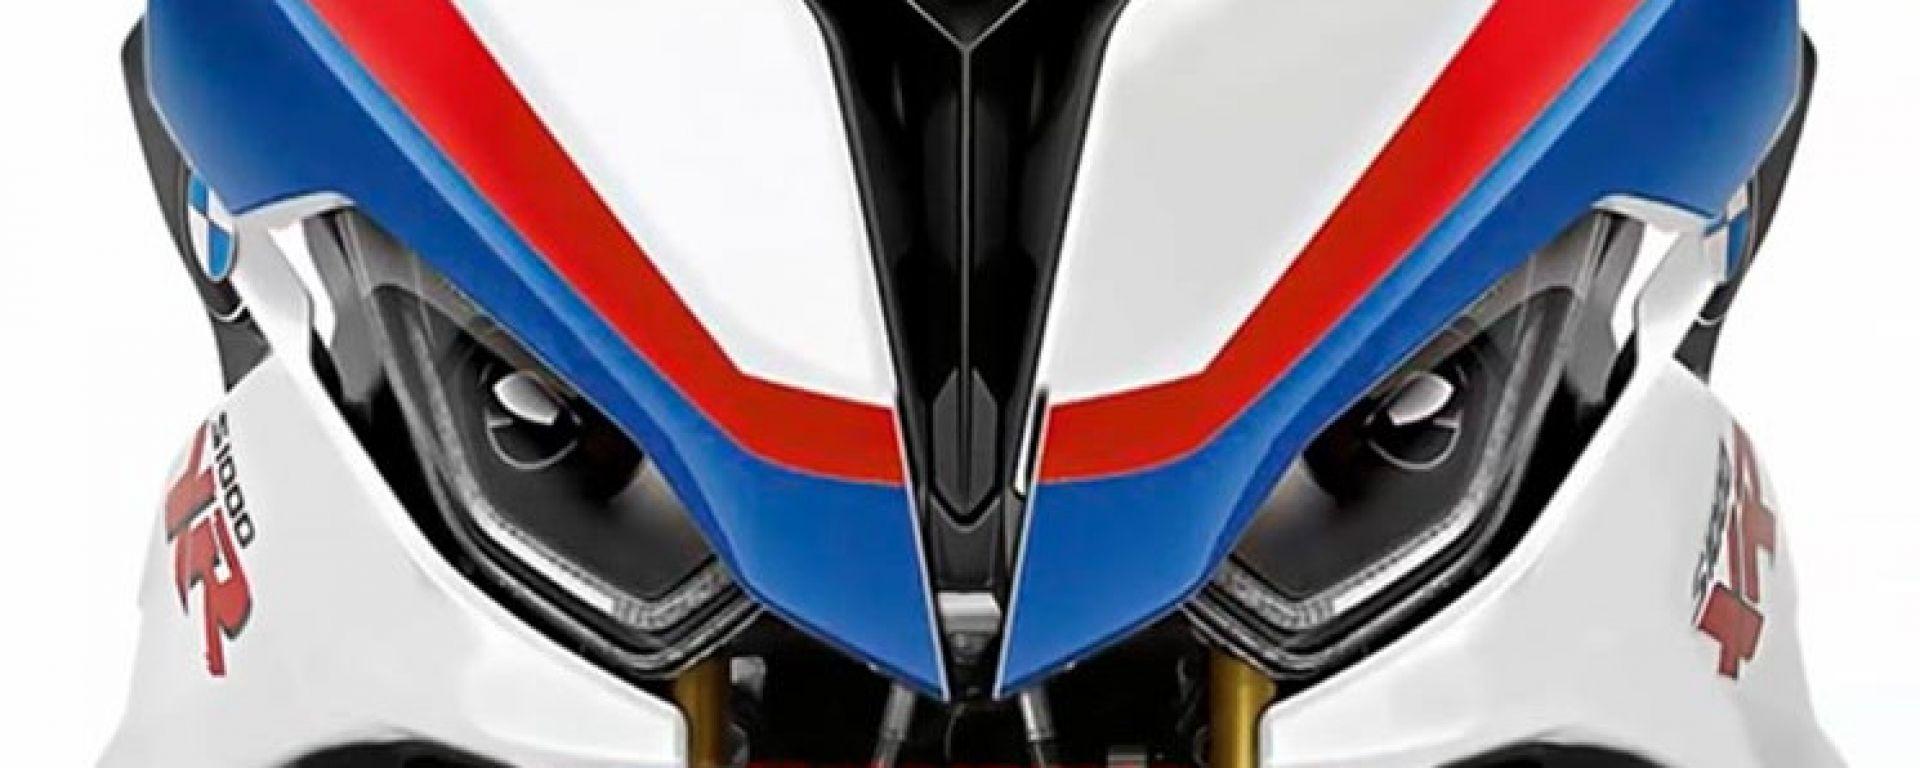 BMW S 1000 XR: ecco come potrebbe essere la nuova crossover sportiva nel 2020